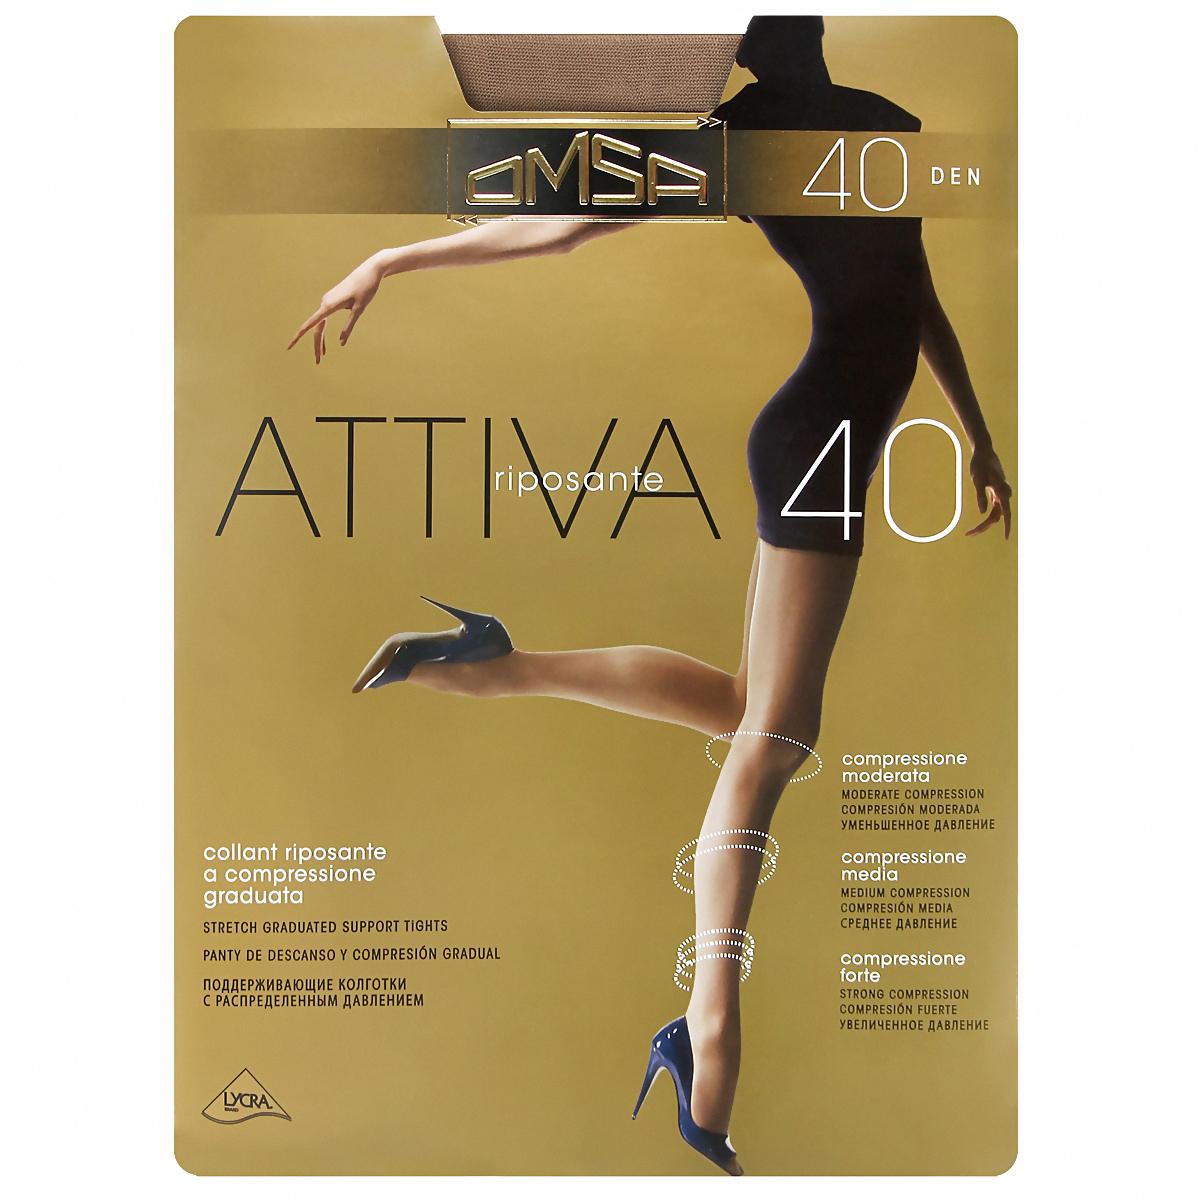 �������� Attiva 40Attiva 40_Bianco�������� �����������, � ������ � ���� ��������. �������������� ������ � �������������� ���������. ������� ���. ���������. �������������� ������. ���������: 40 ���.